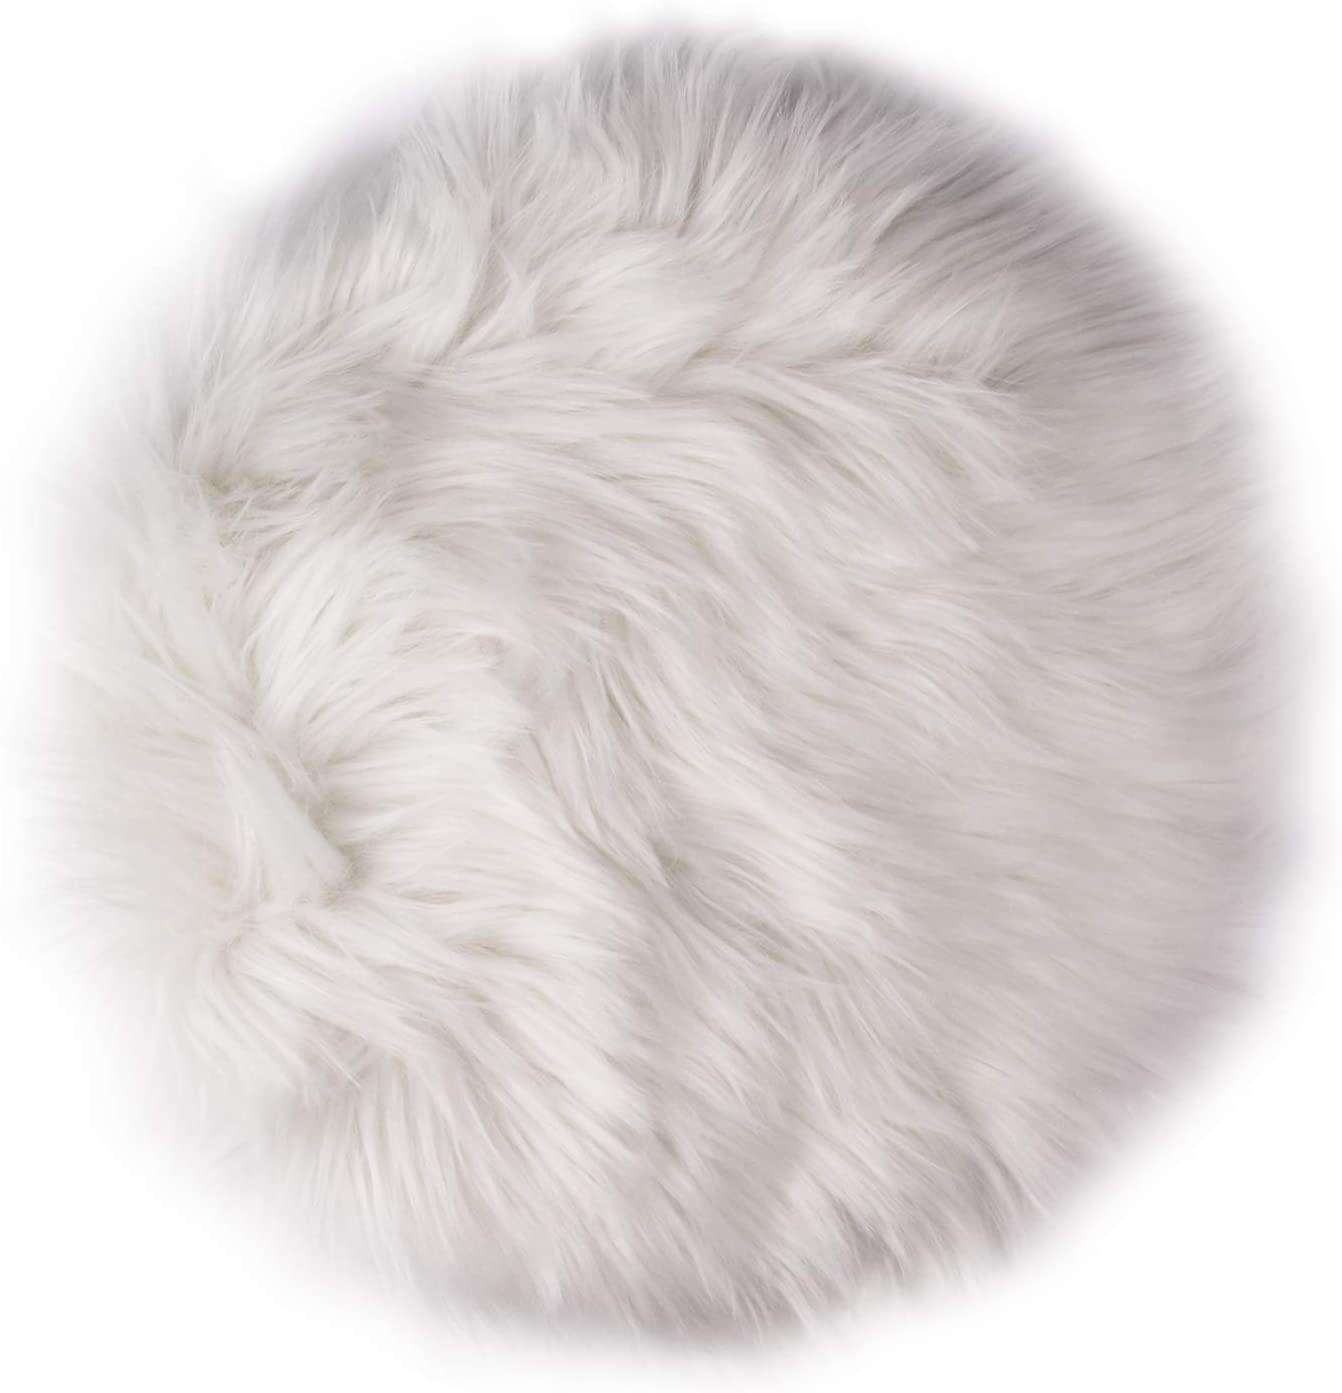 Sansheng faux fur pillow amazon